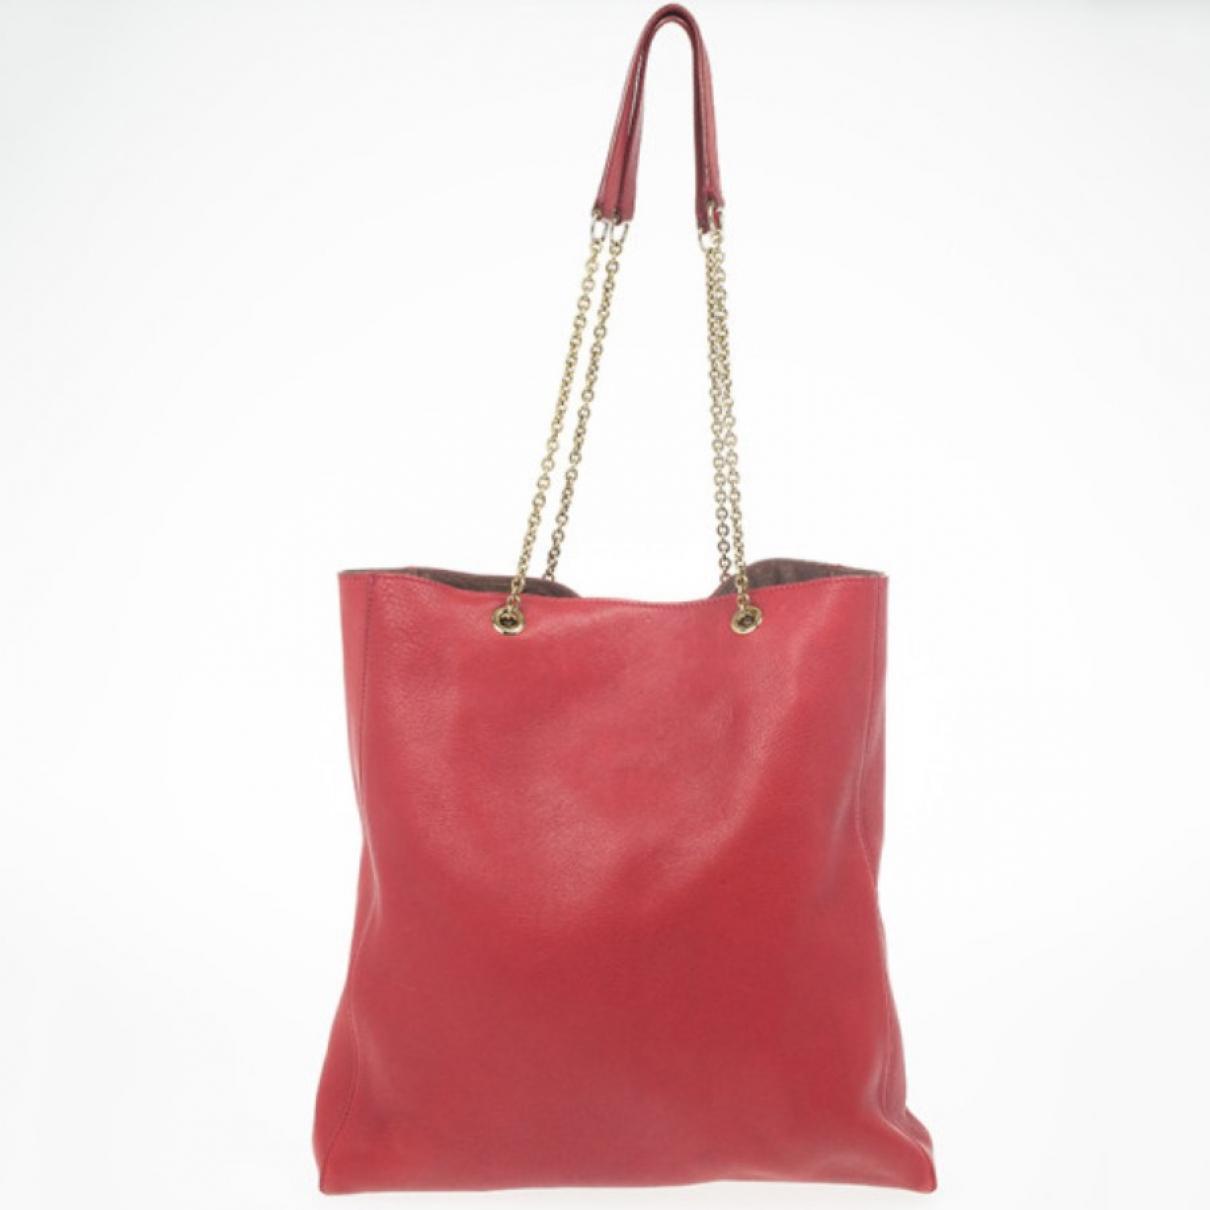 Celine N Red Leather handbag for Women N